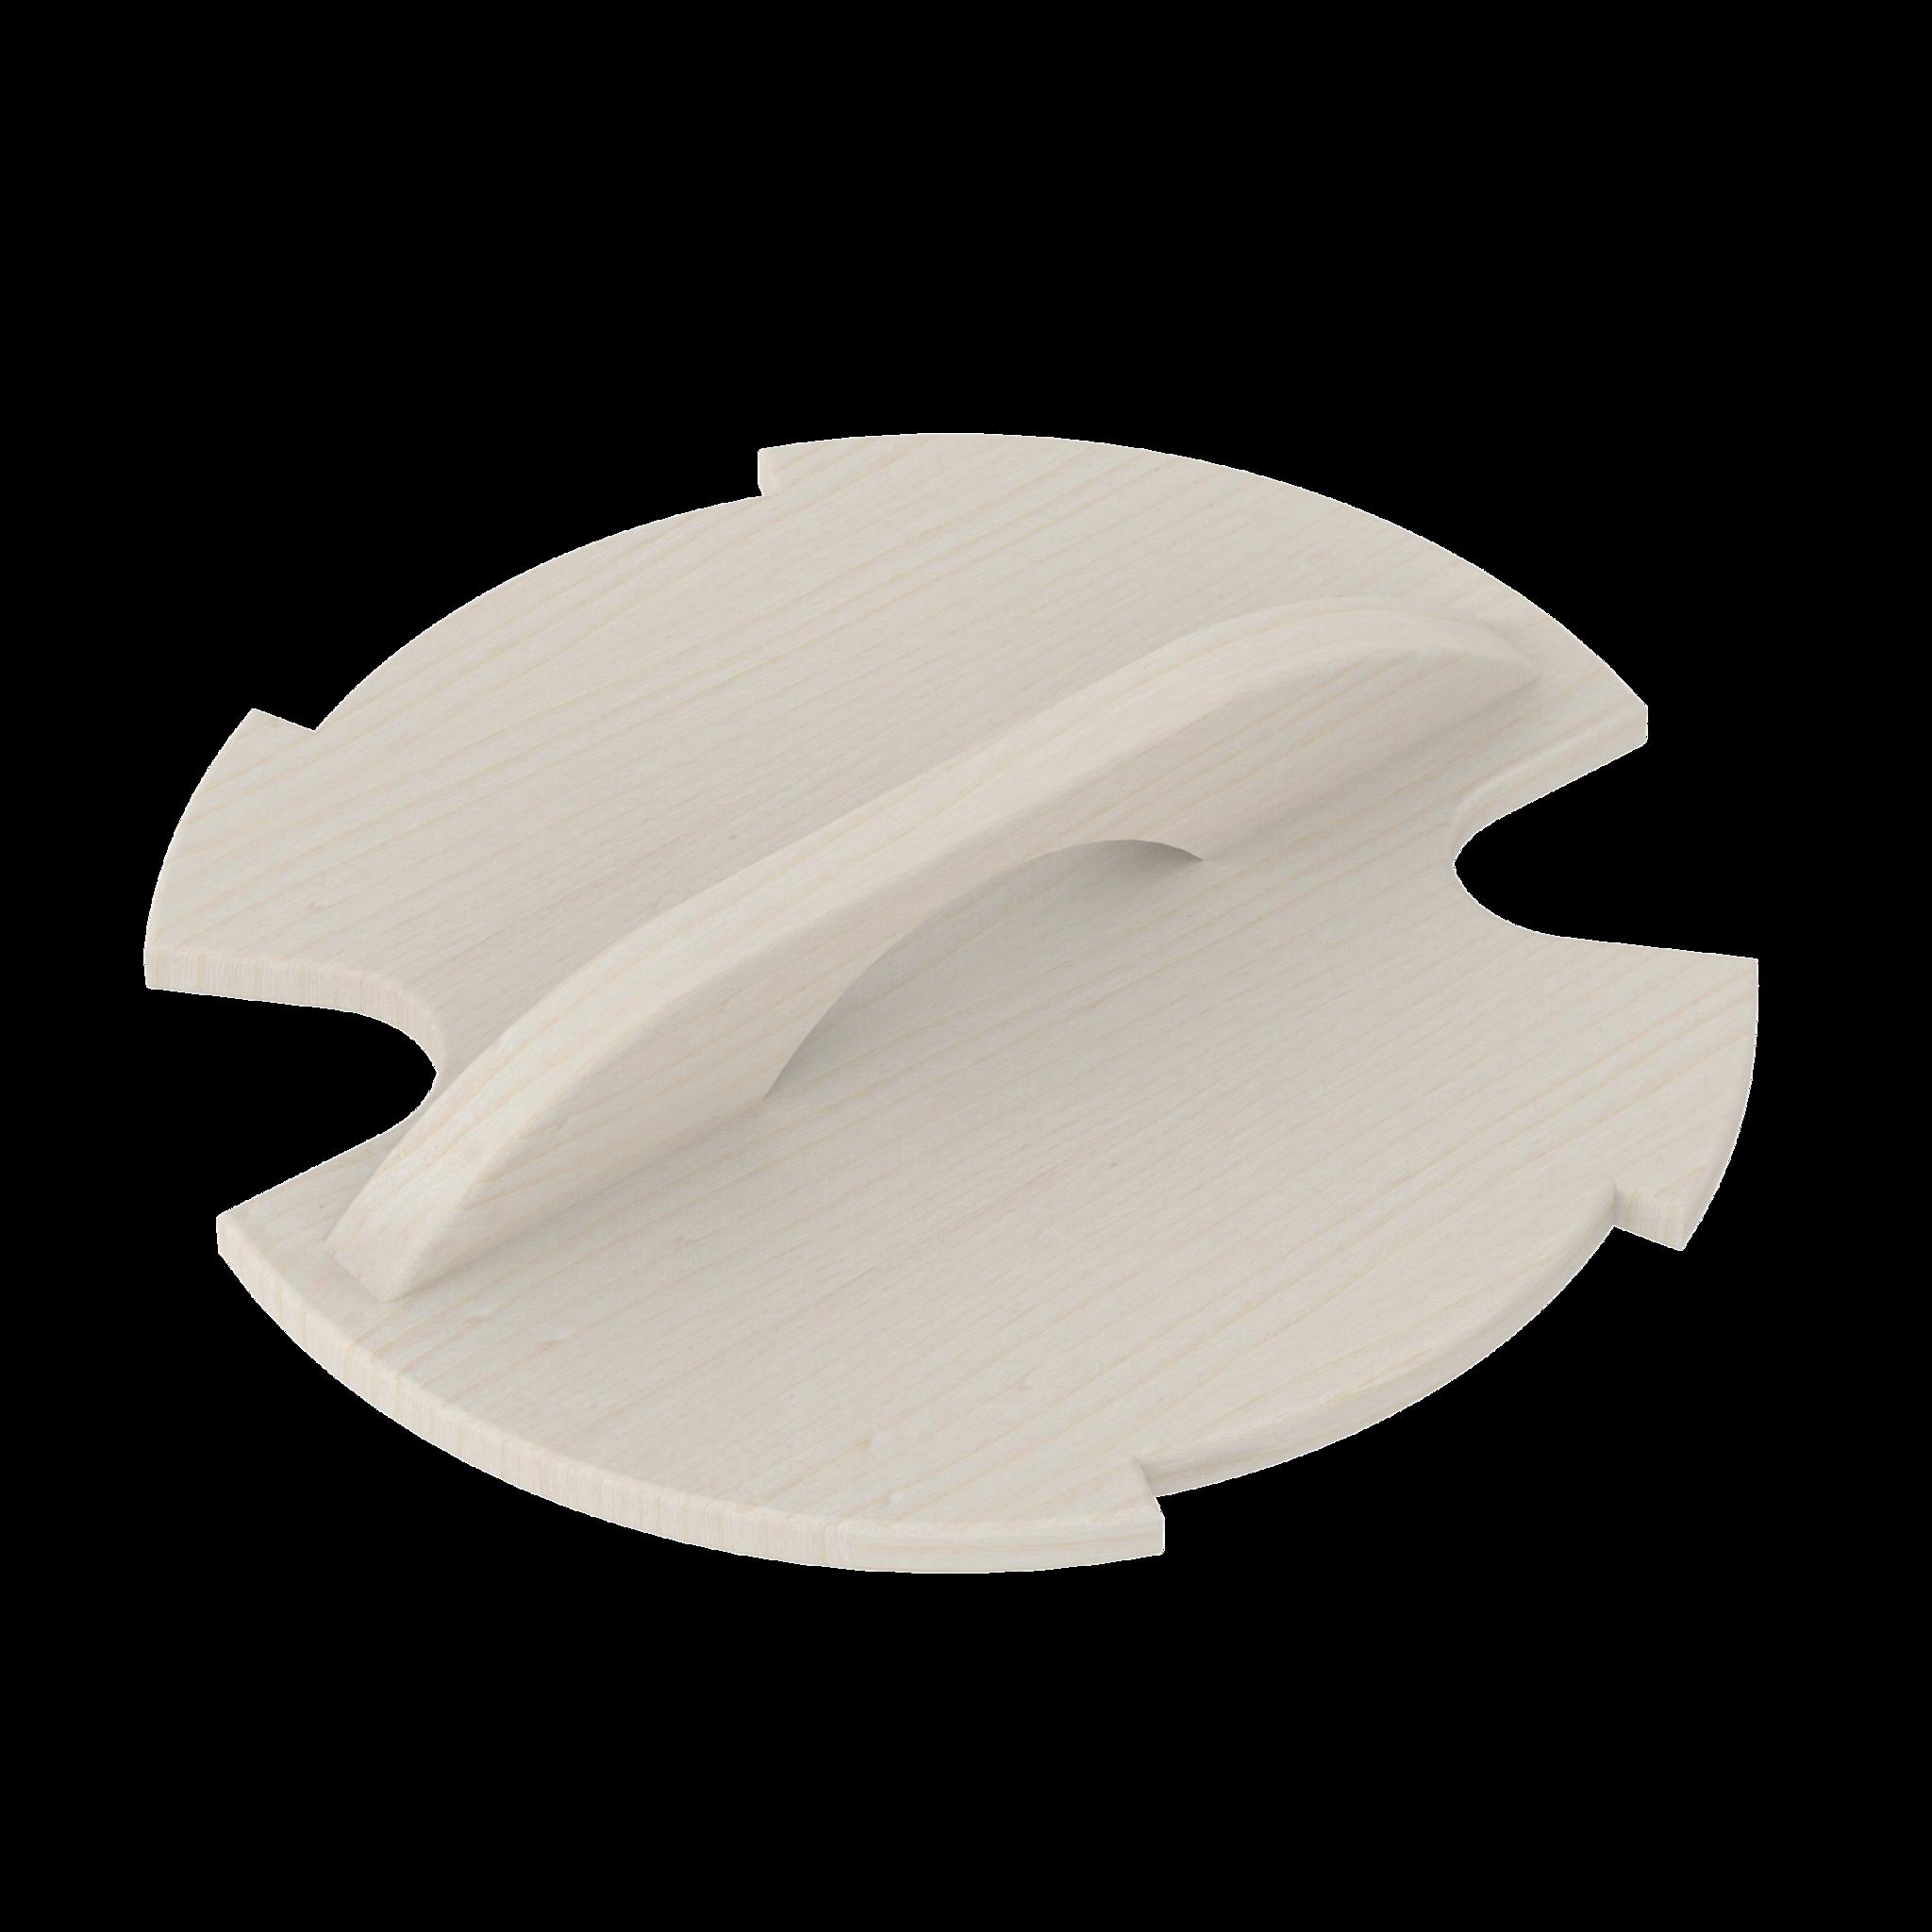 Фото - Ведра и кадушки: Крышка деревянная SAWO 381-A-COV для запарника 381-A ведра и кадушки кадушка деревянная sawo 330 p 3 литра с пластиковой вставкой